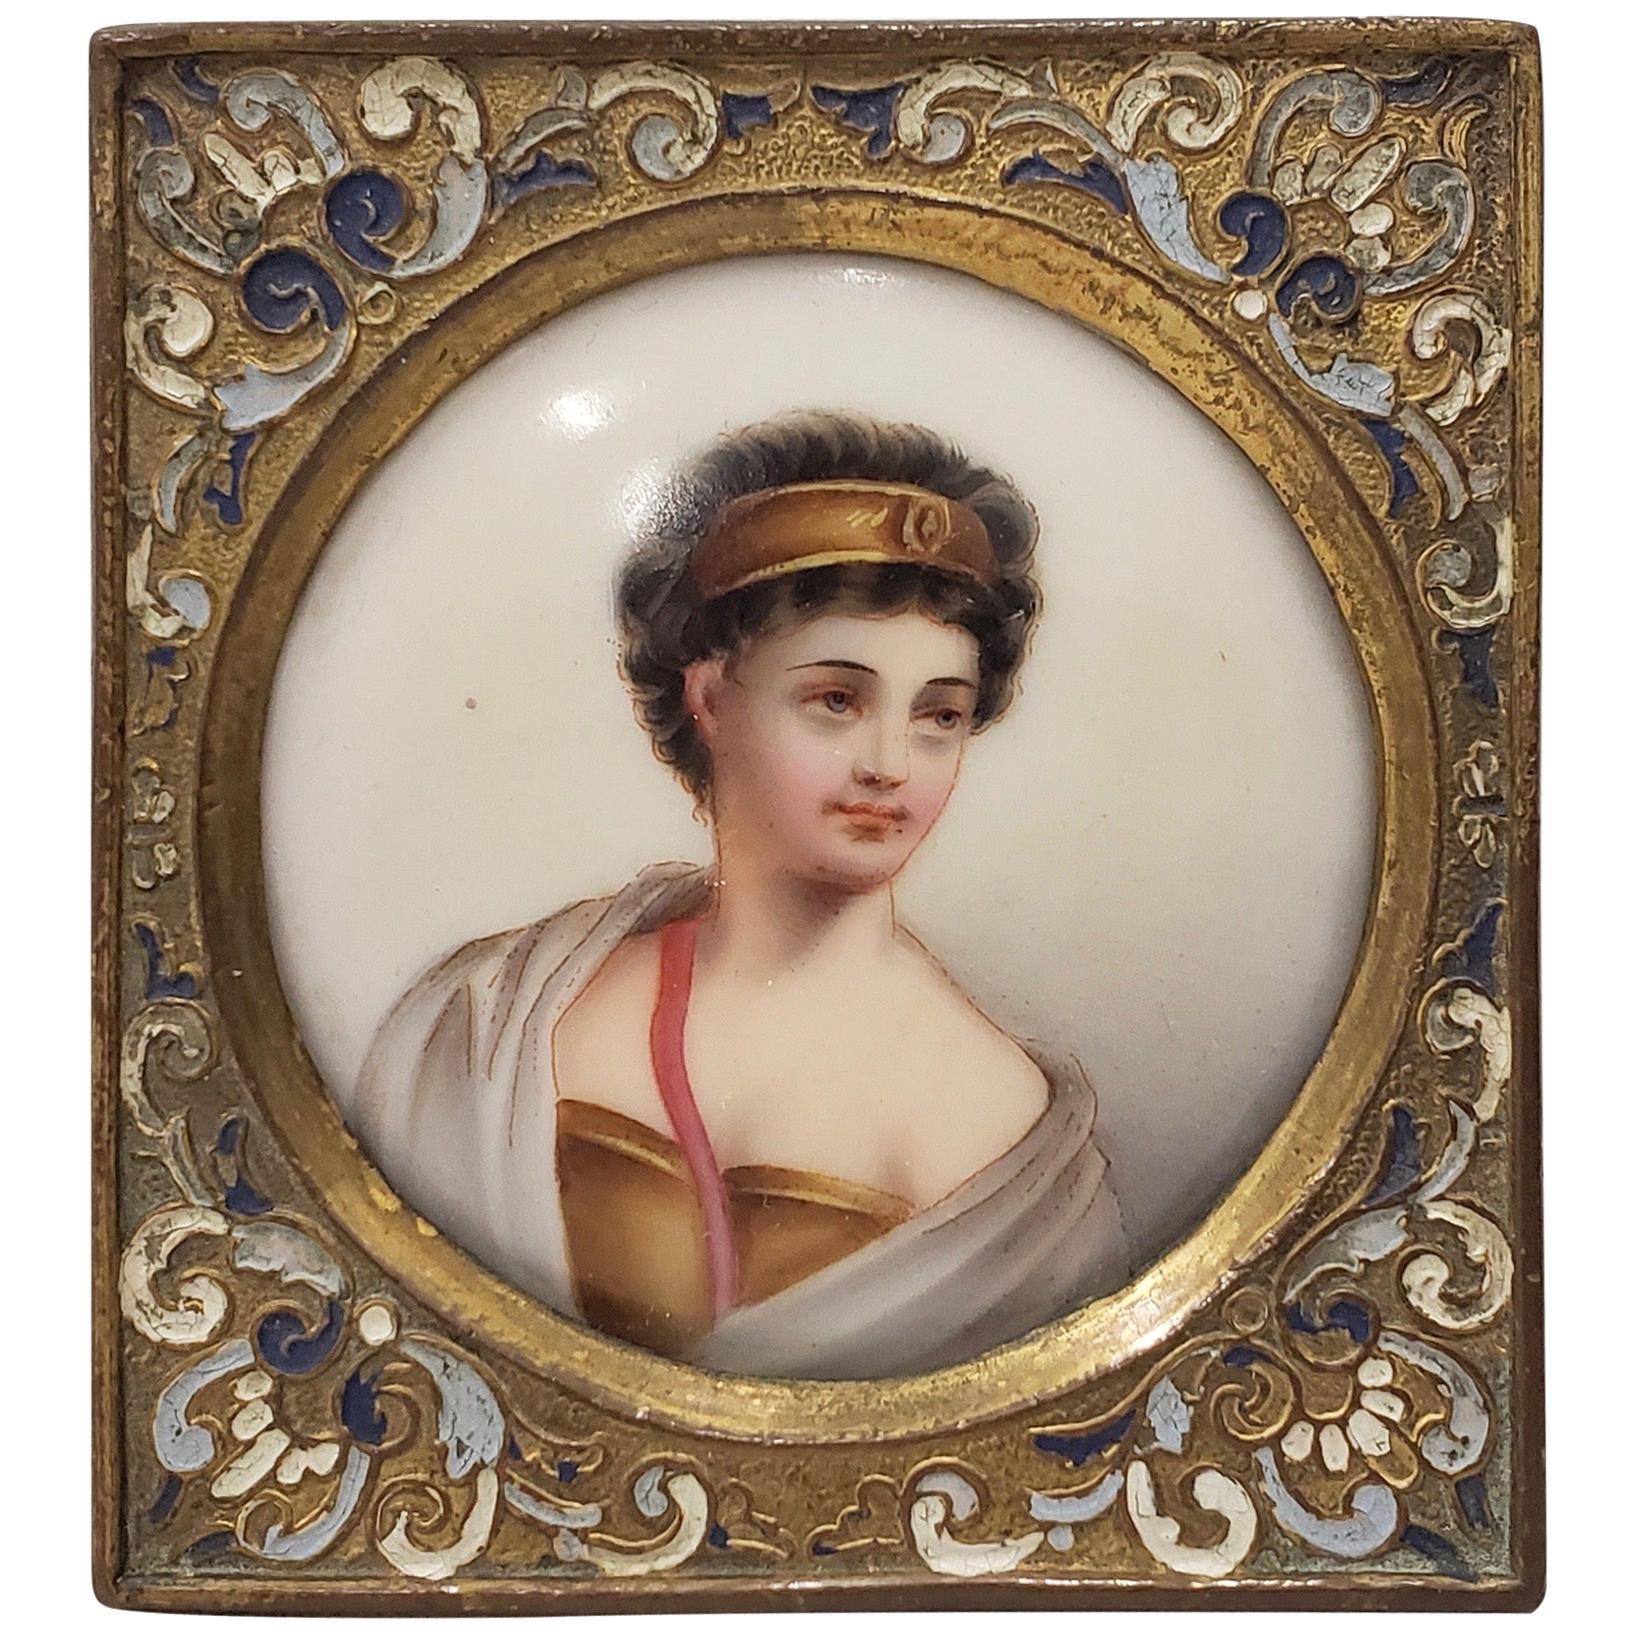 19th Century Miniature Portrait on Porcelain